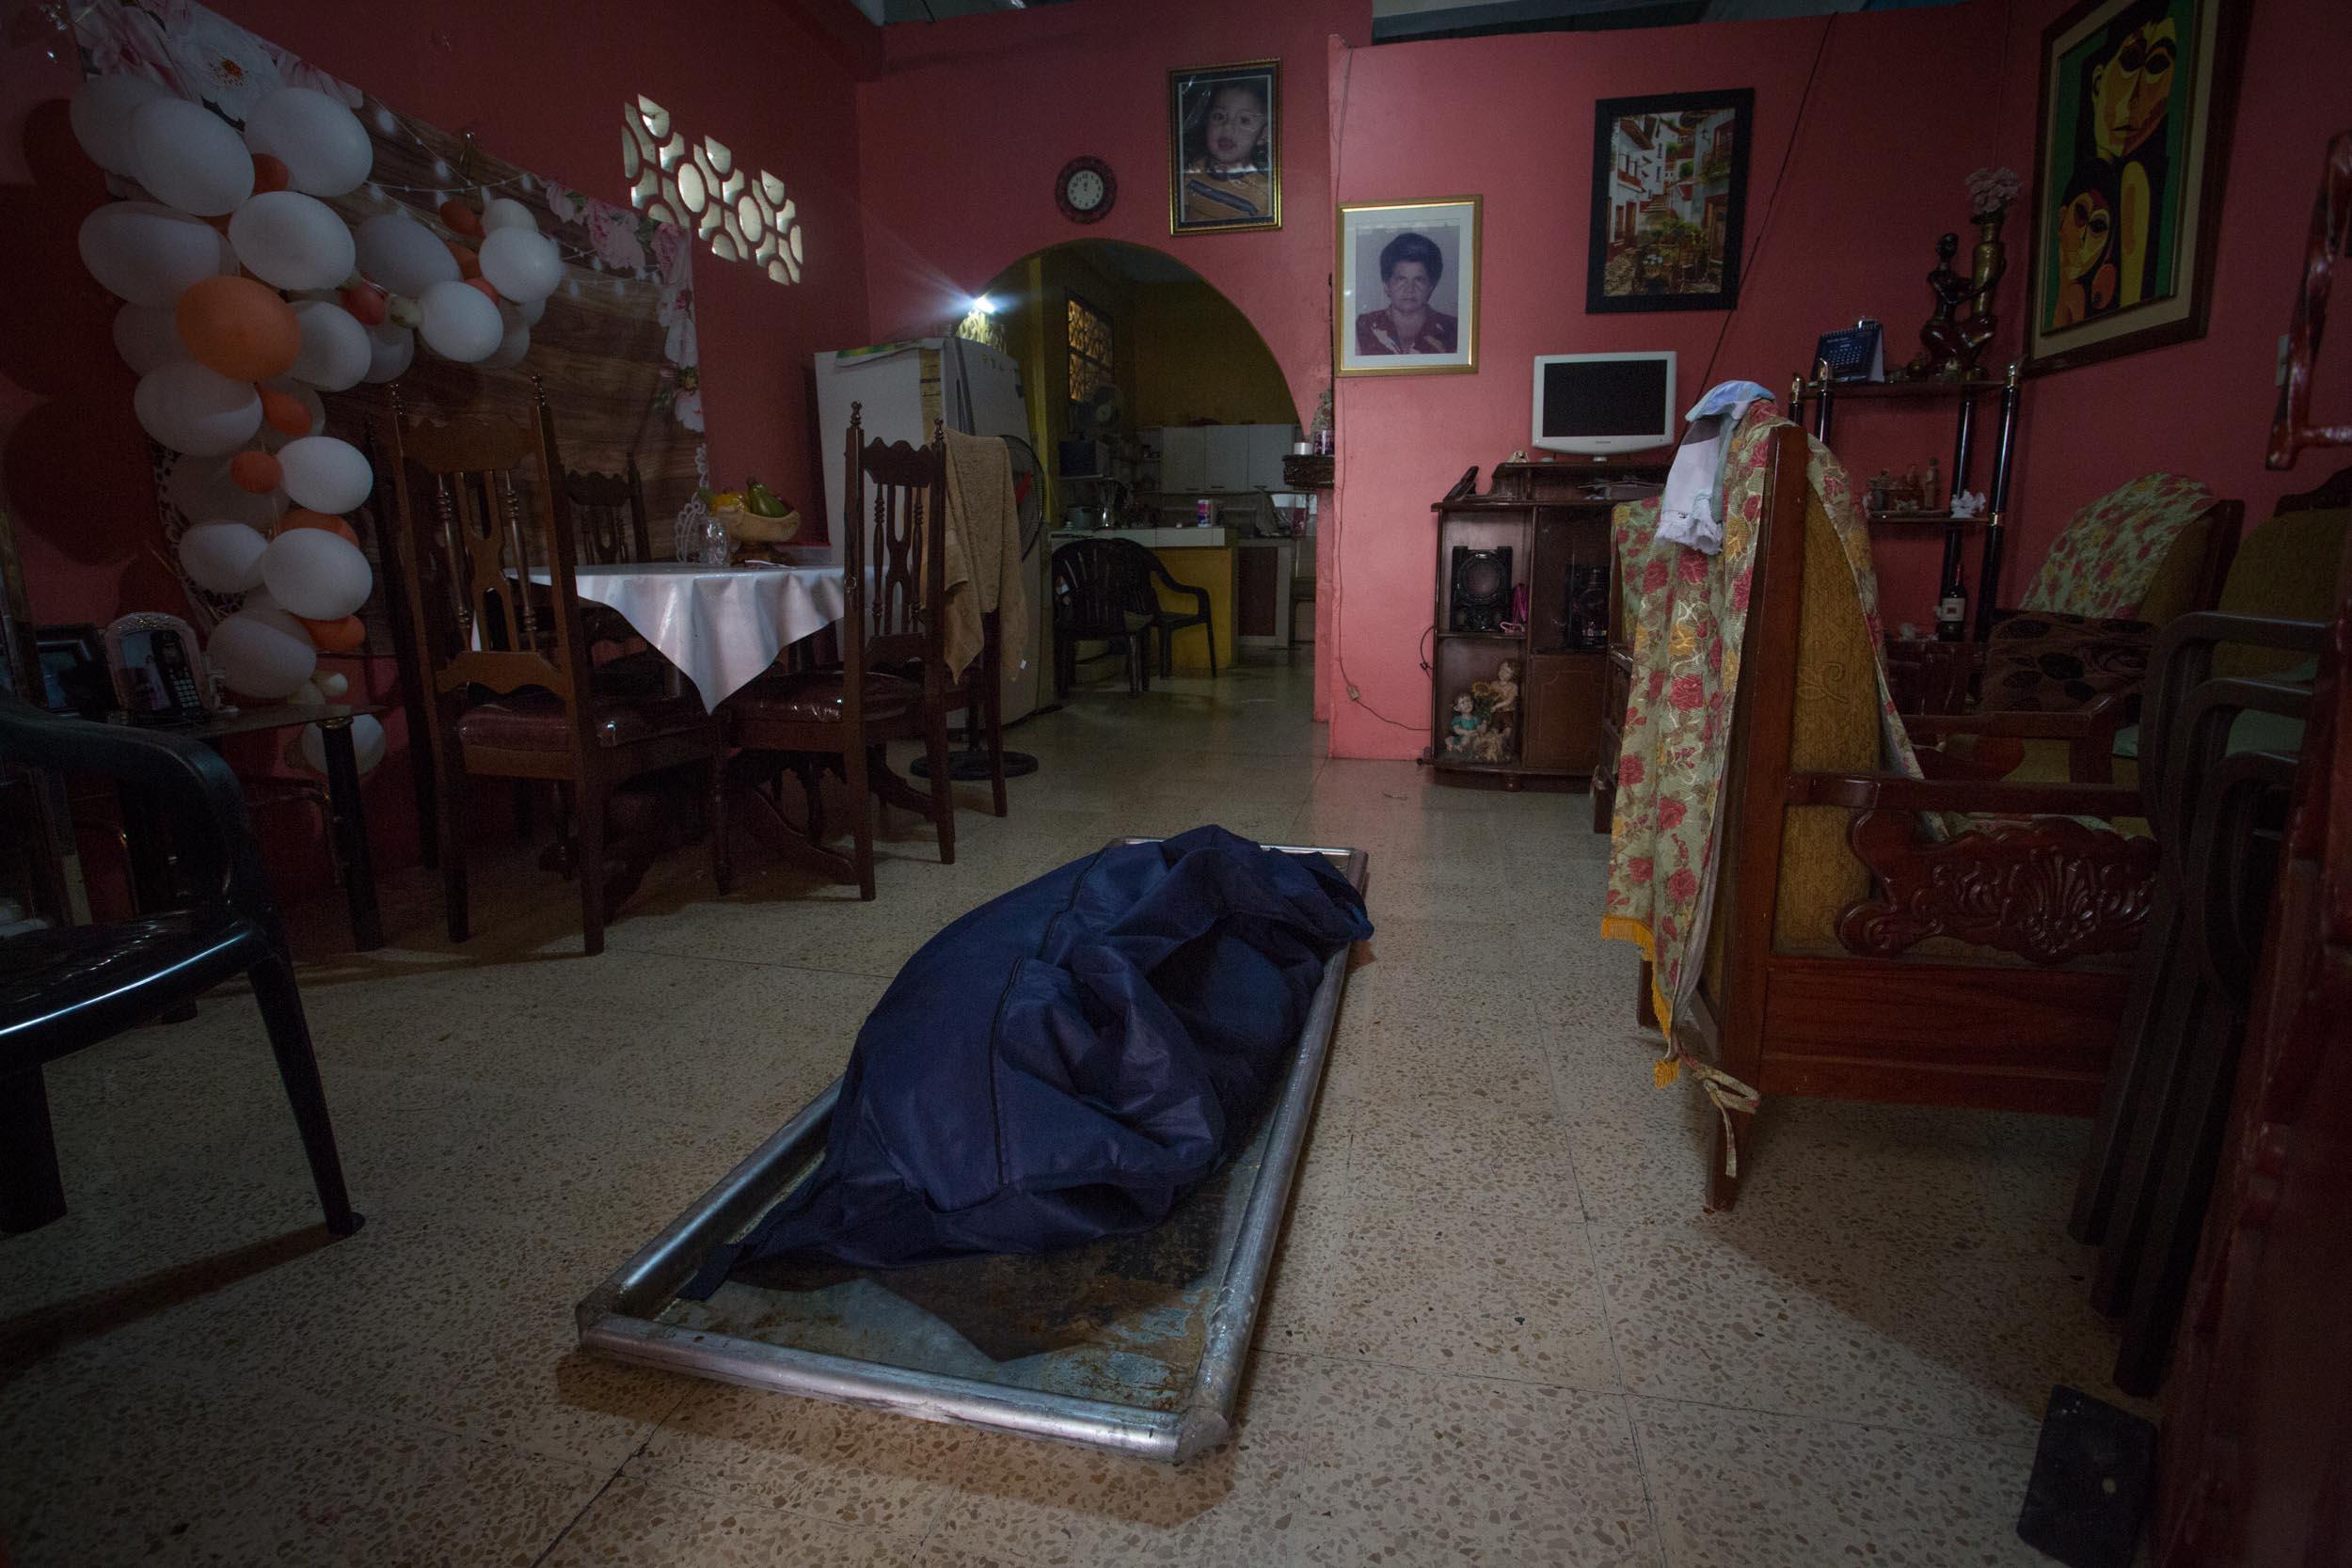 El cuerpo encargado de hacer el levantamiento de cadaveres de la Policía Nacional a las afueras de Jorge Suárez, quien falleció de problemas respiratorios.